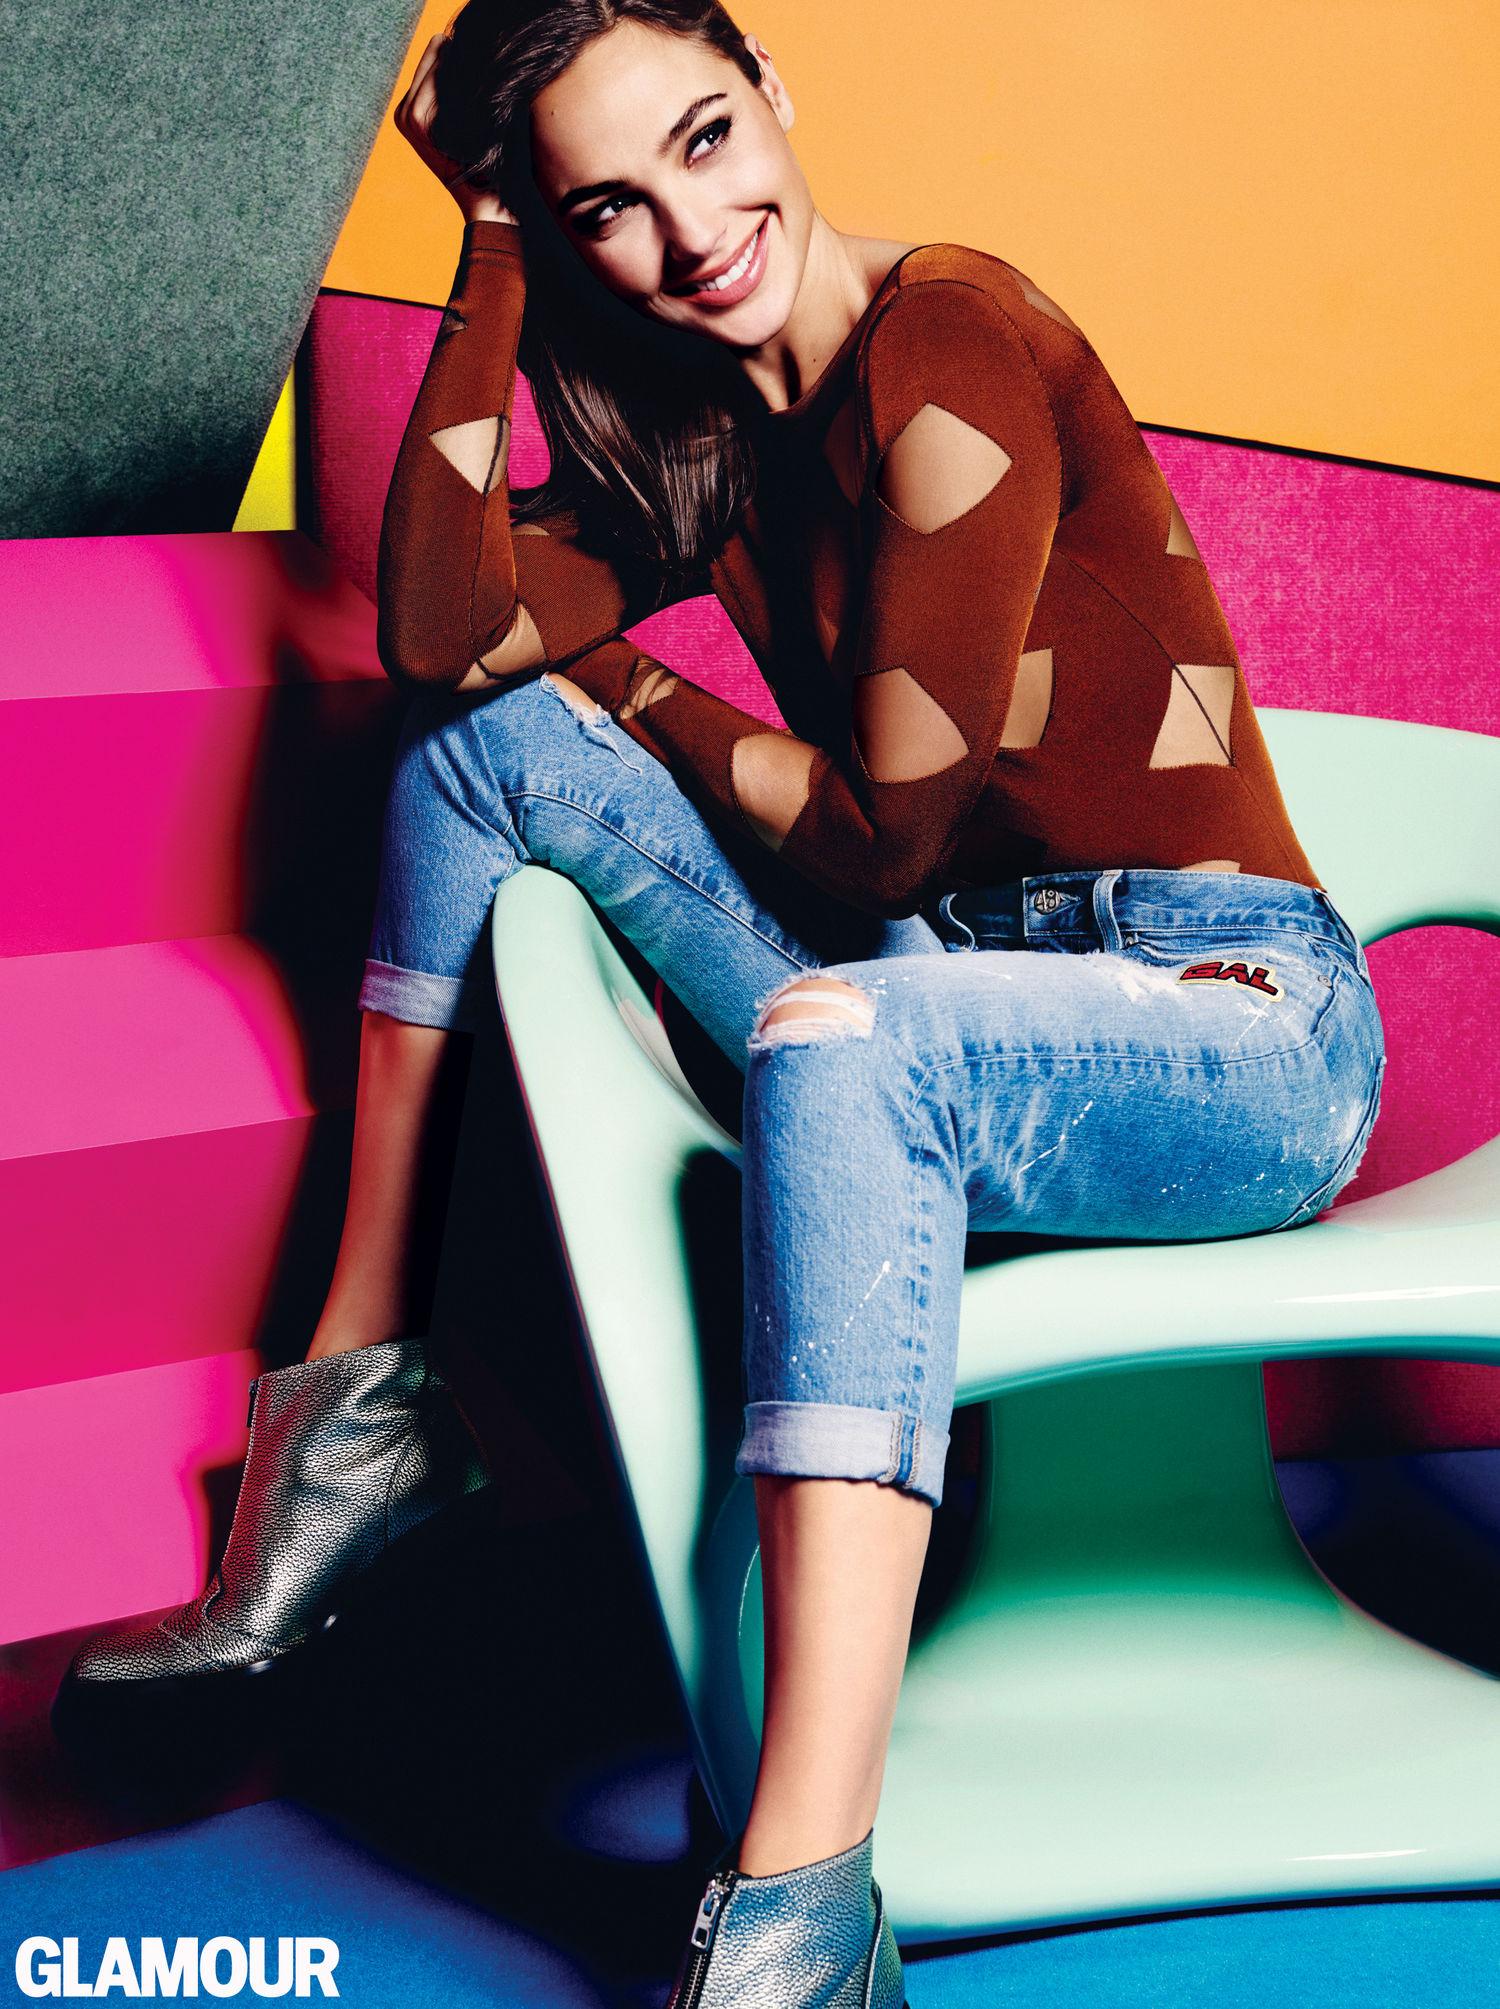 gal gadot: glamour magazine 2016 -03 - gotceleb